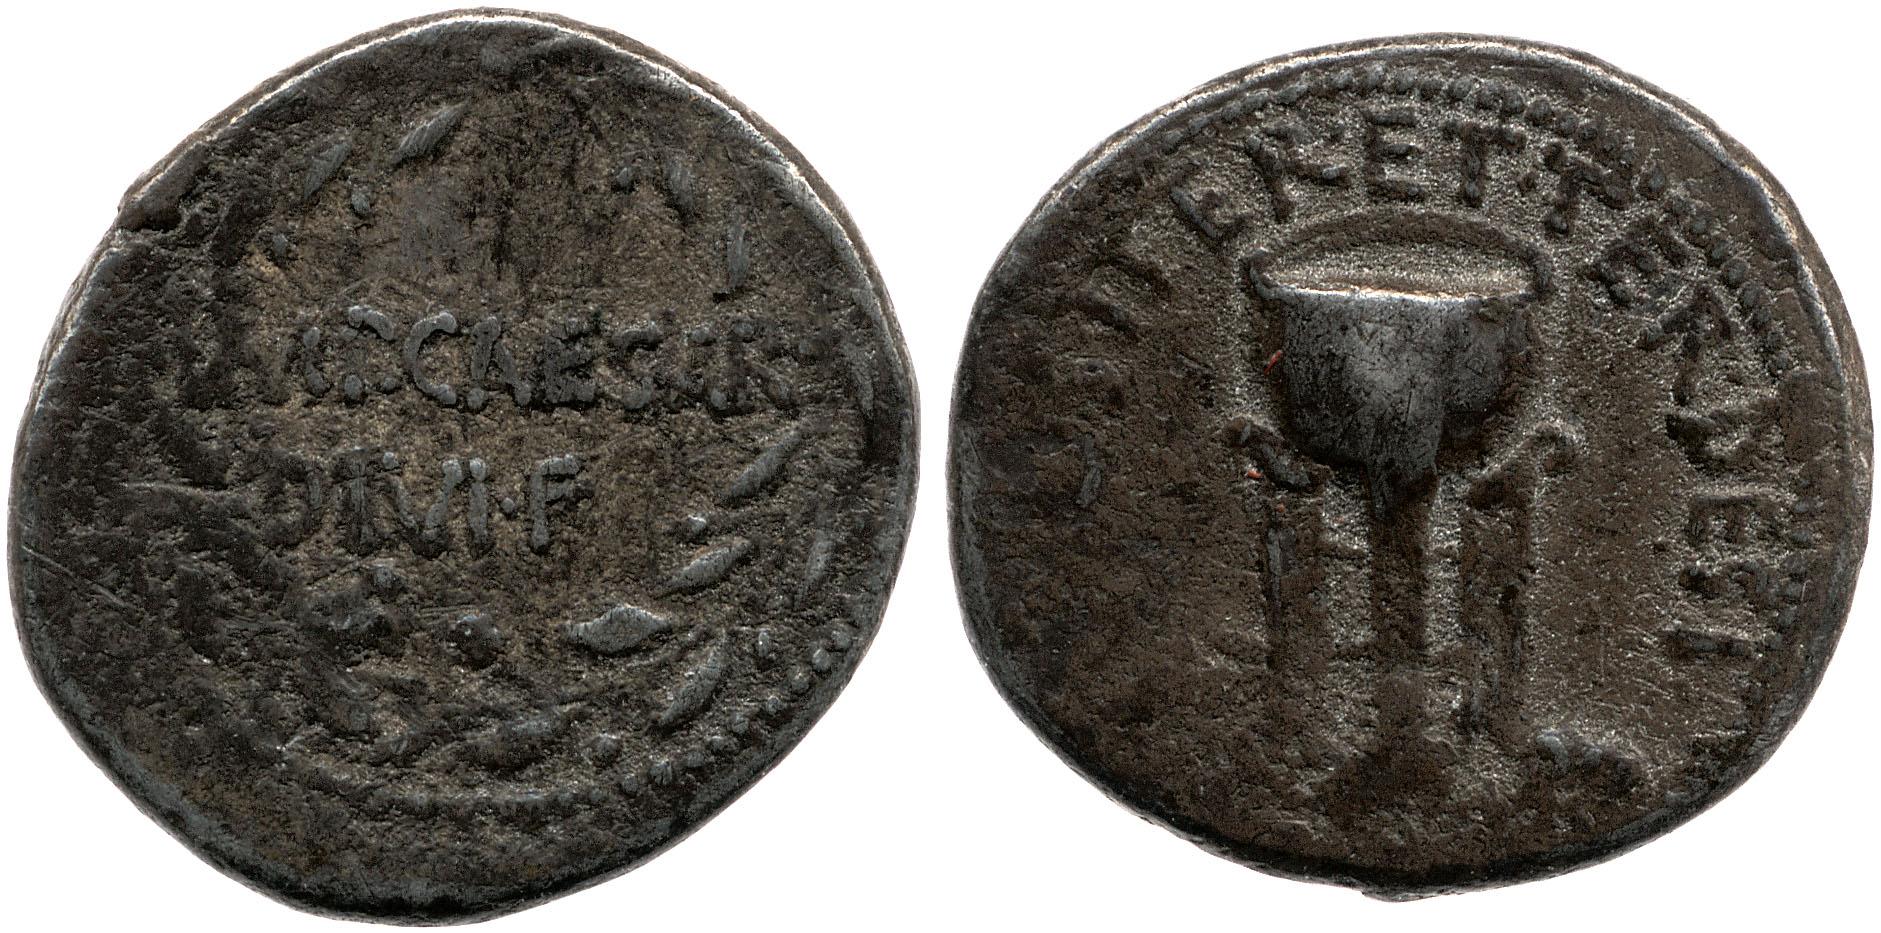 1740JU – Denier Octave – Caius Julius Cæsar Octavianus